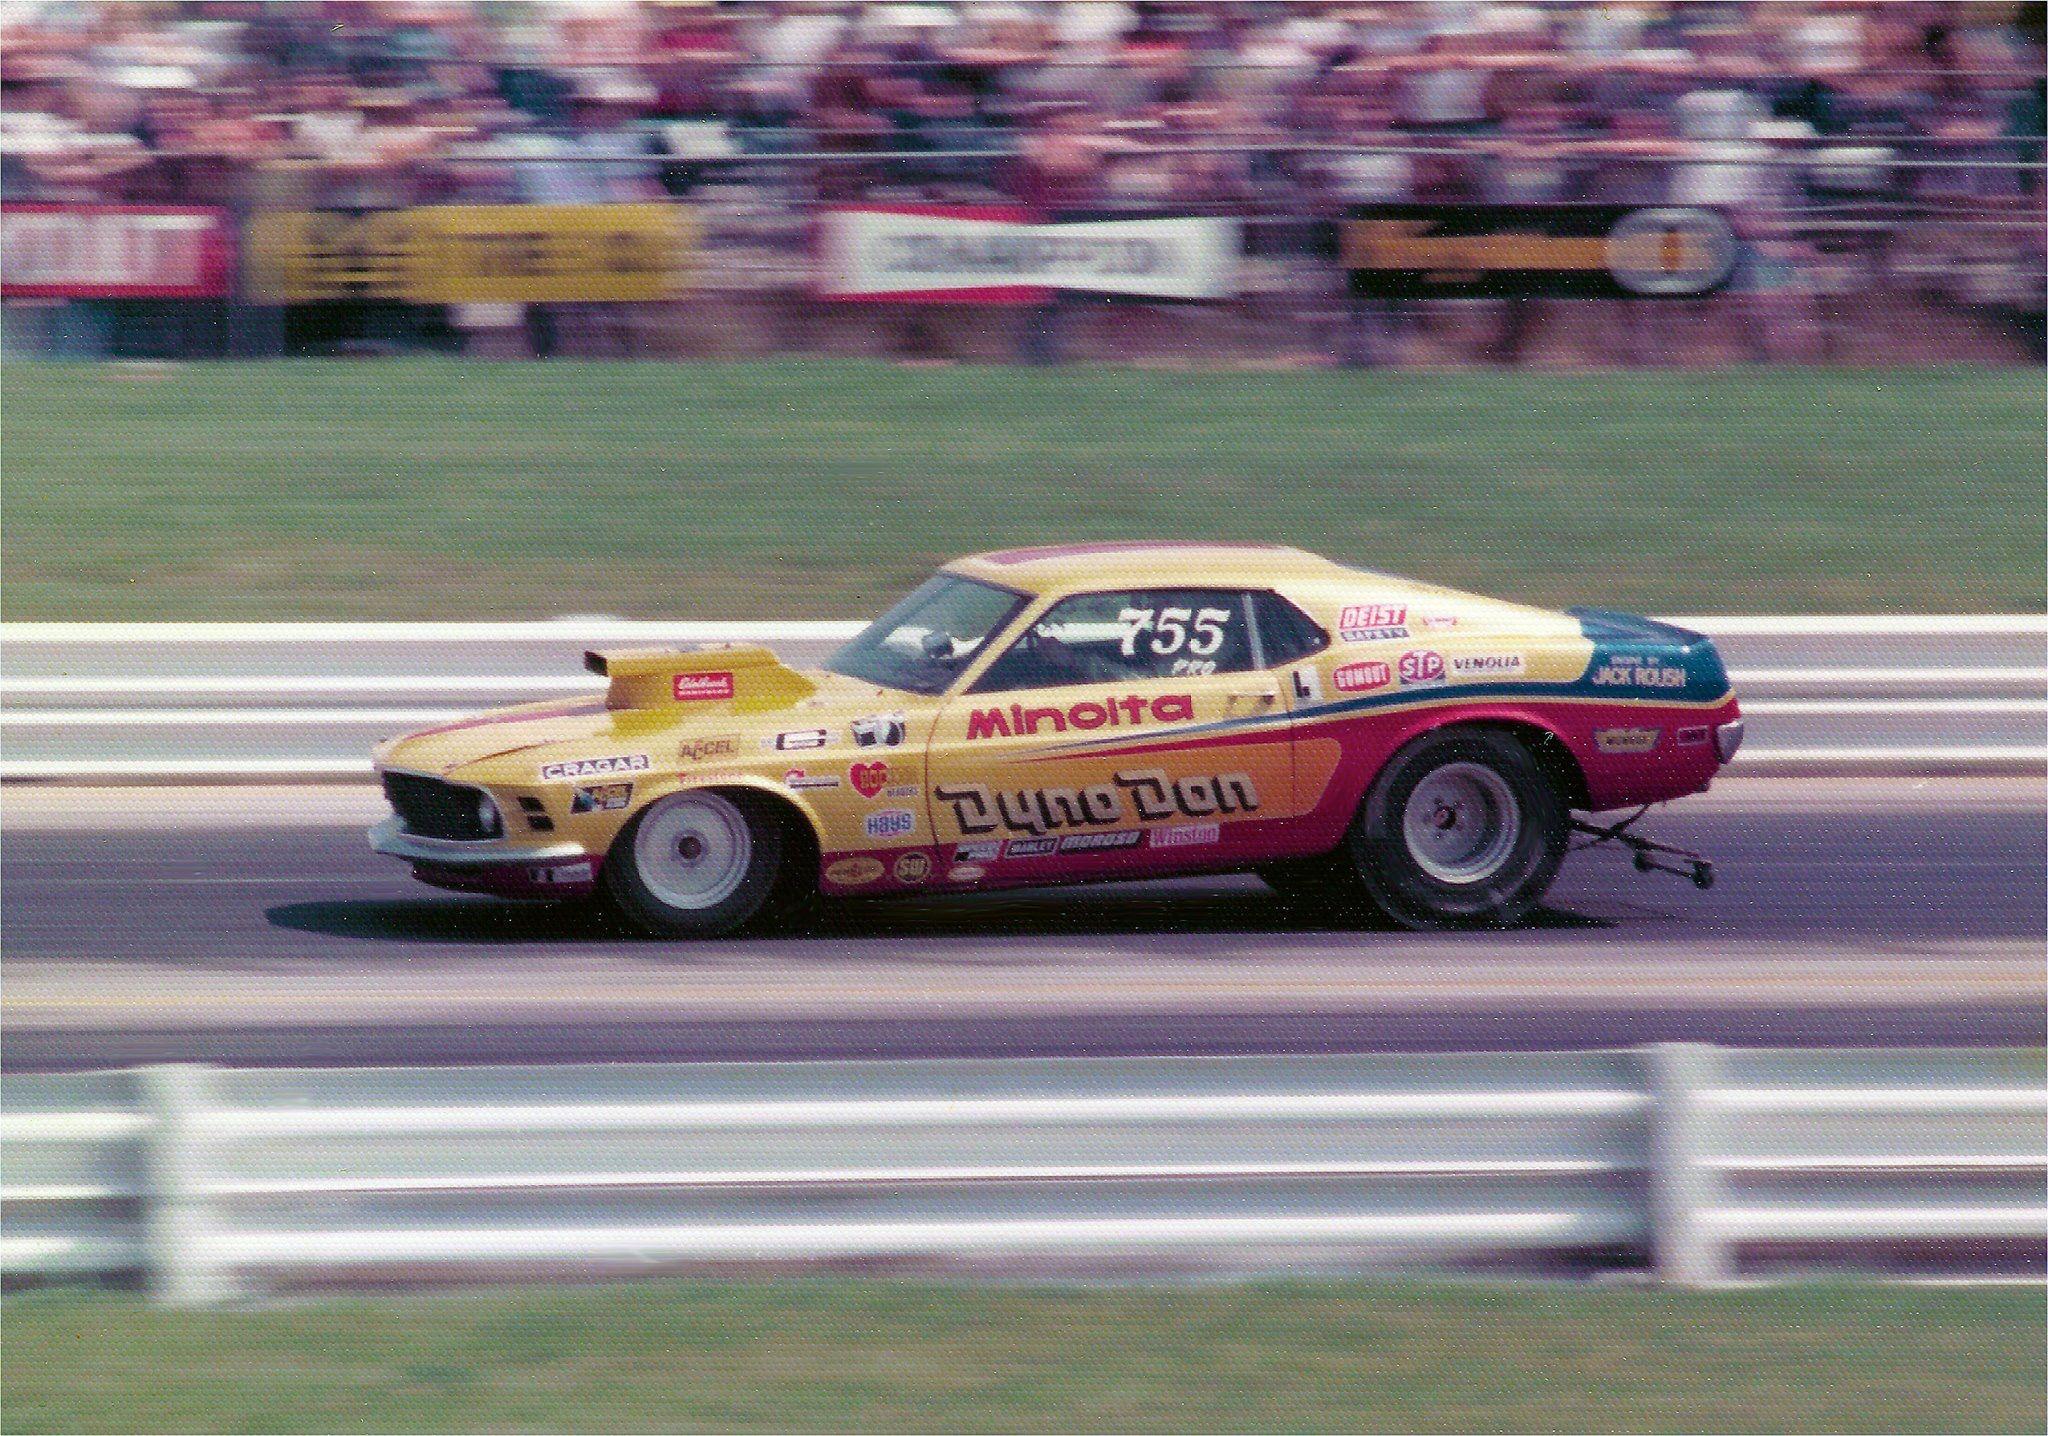 Dyno Don Drag Racing Cars Ford Racing Vintage Racing